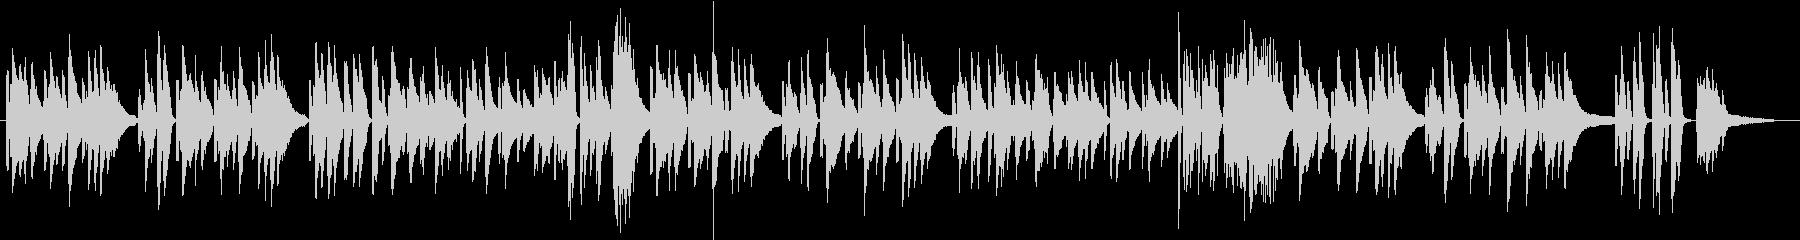 ハッピーバースデー JAZZピアノソロの未再生の波形